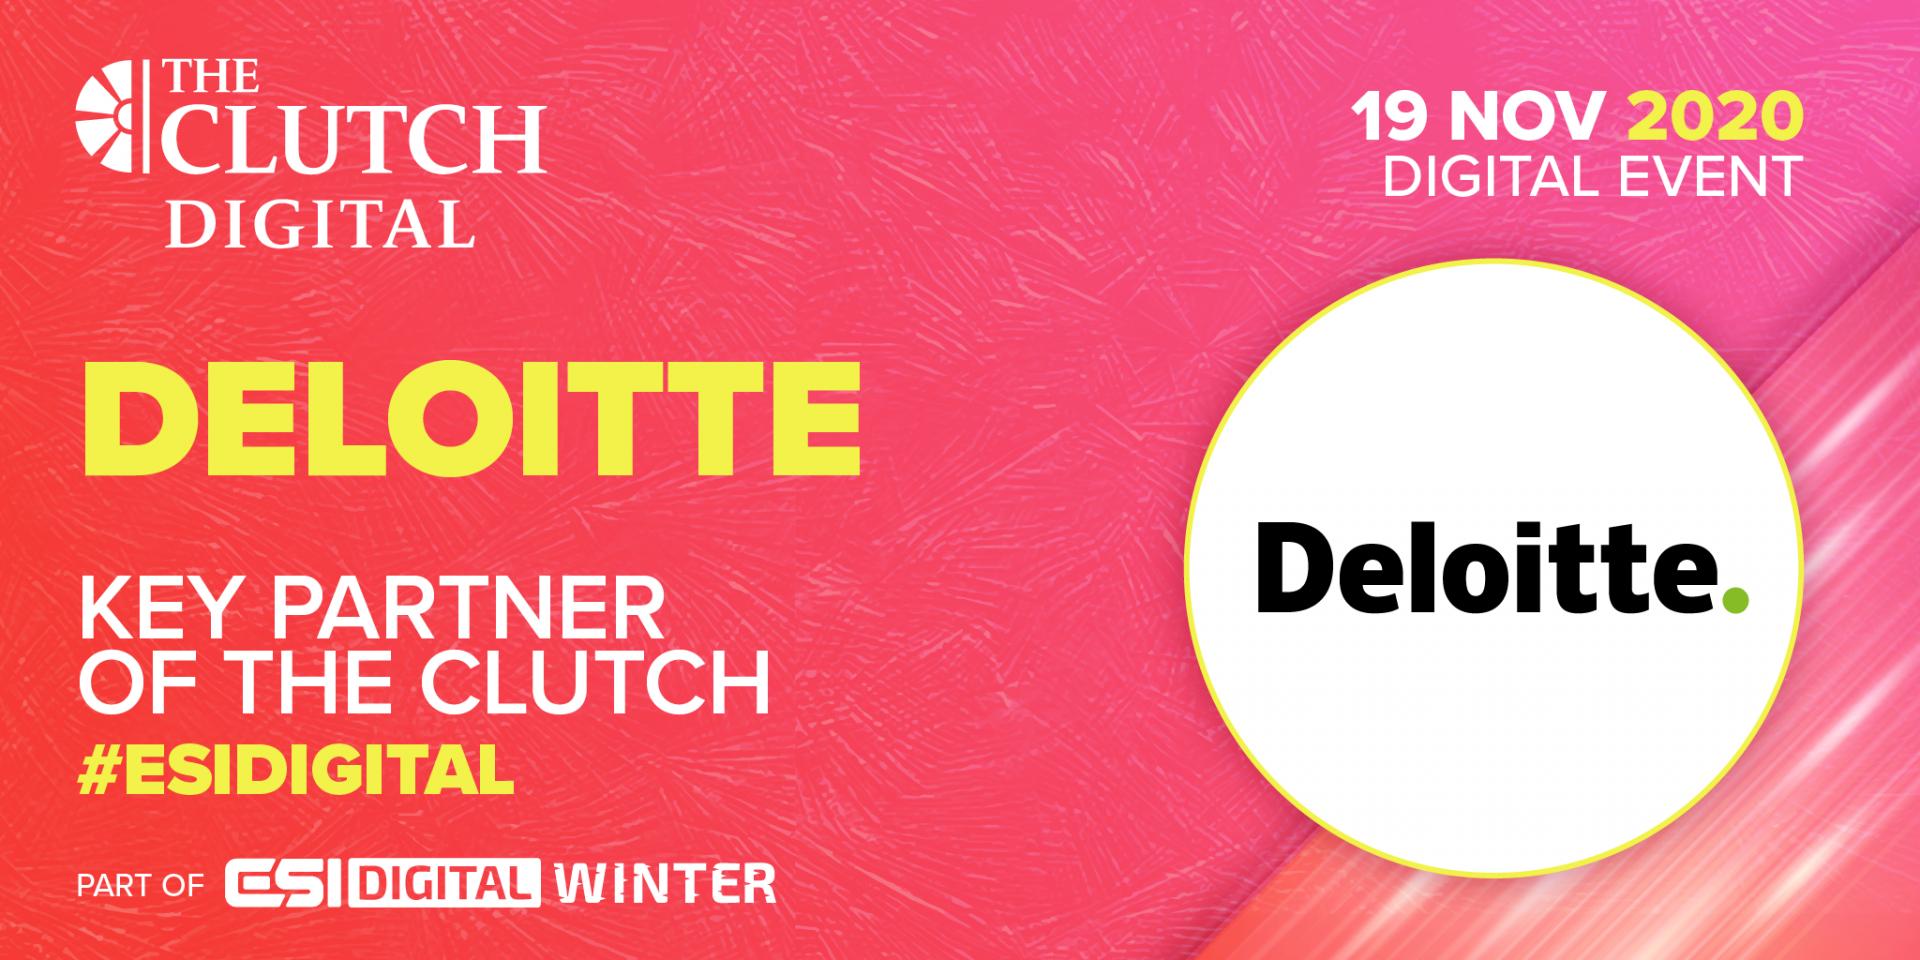 The Clutch Digital Key Partner Deloitte